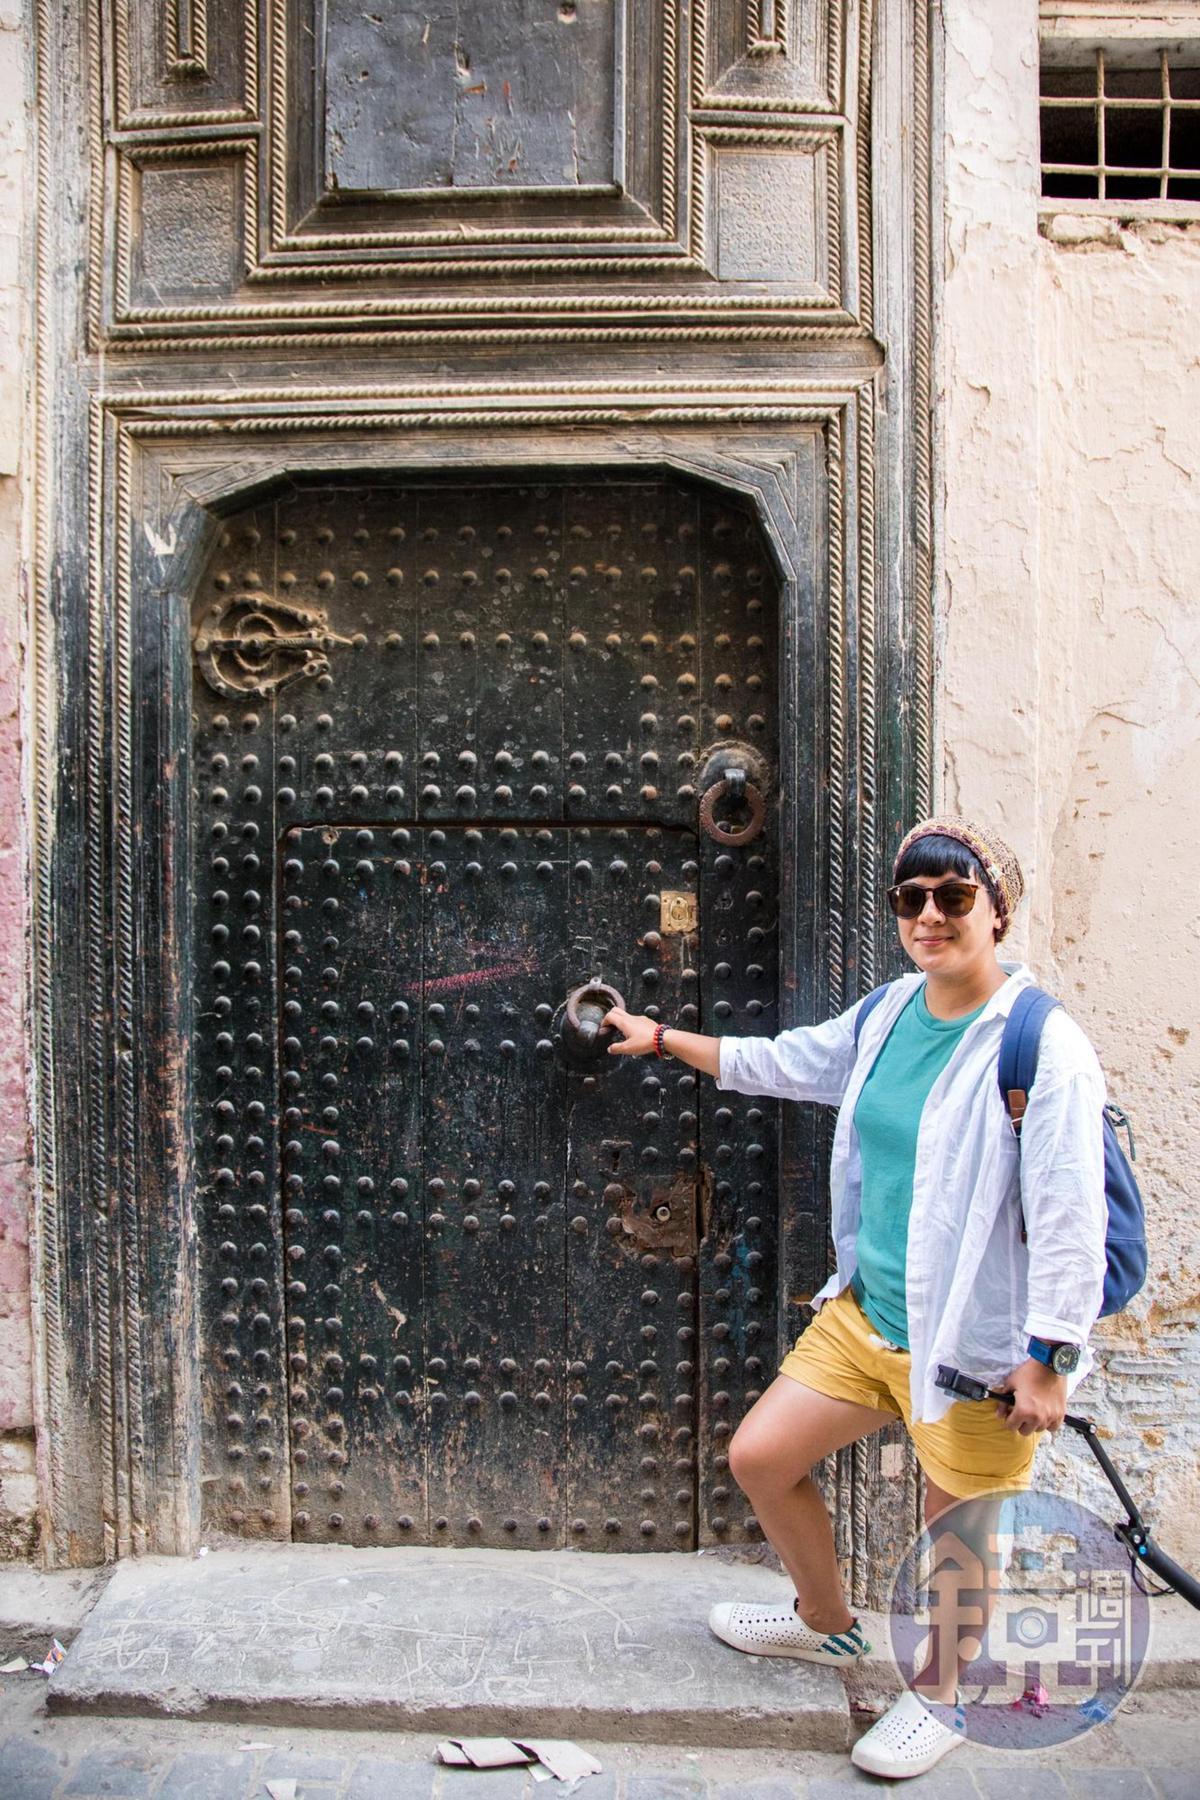 古城內的門有分上下門把,上層是以前騎馬時敲門用,下層則為行人使用。